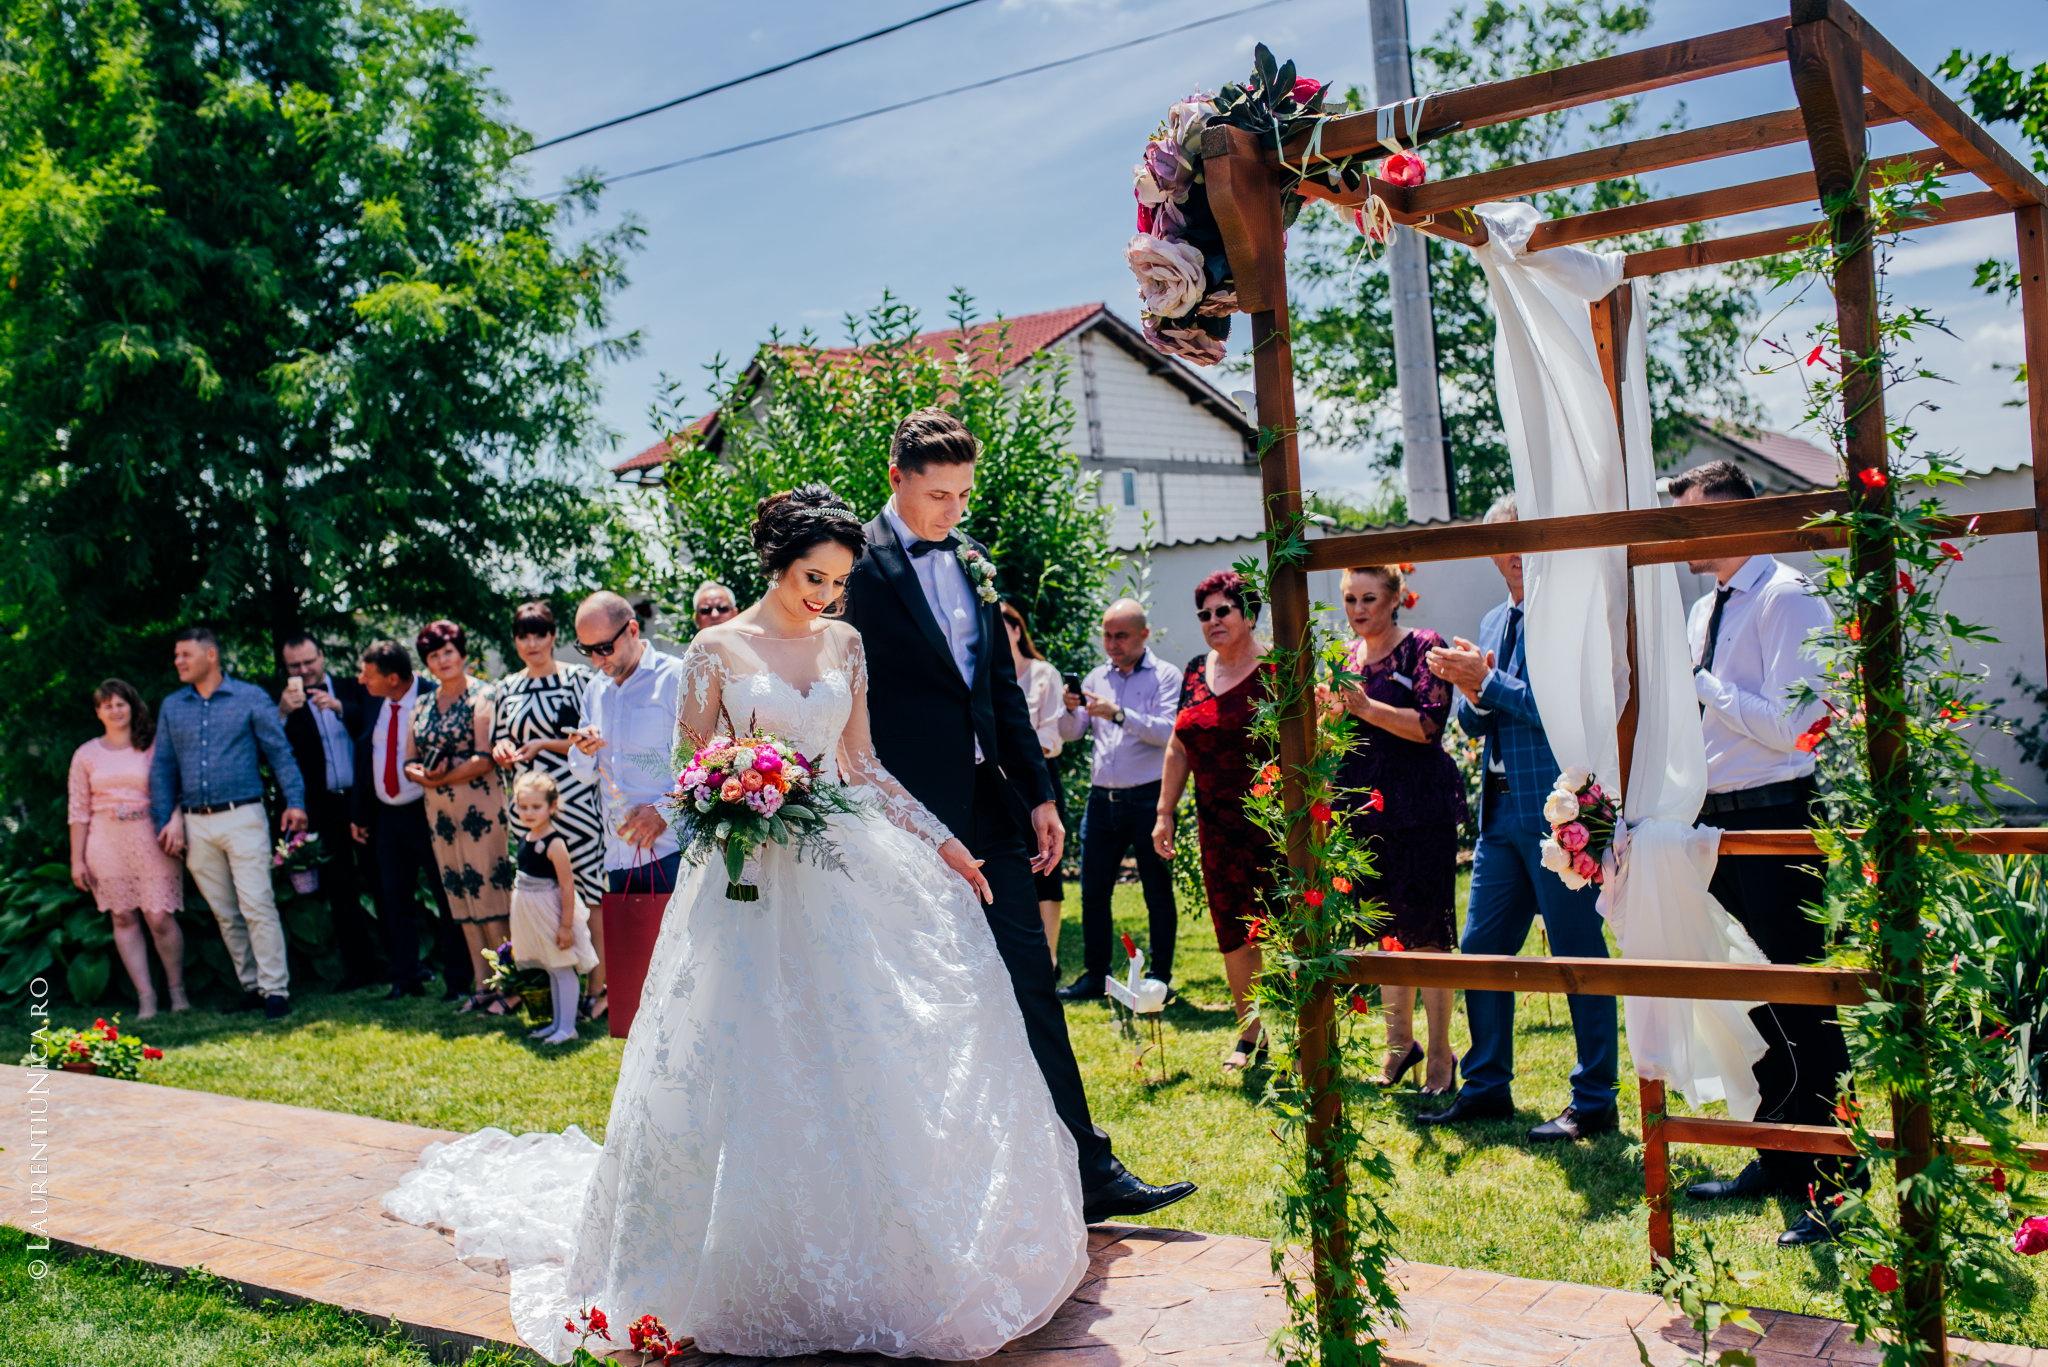 fotografii nunta denisa si florin craiova 57 - Denisa & Florin | Fotografii nunta | Craiova